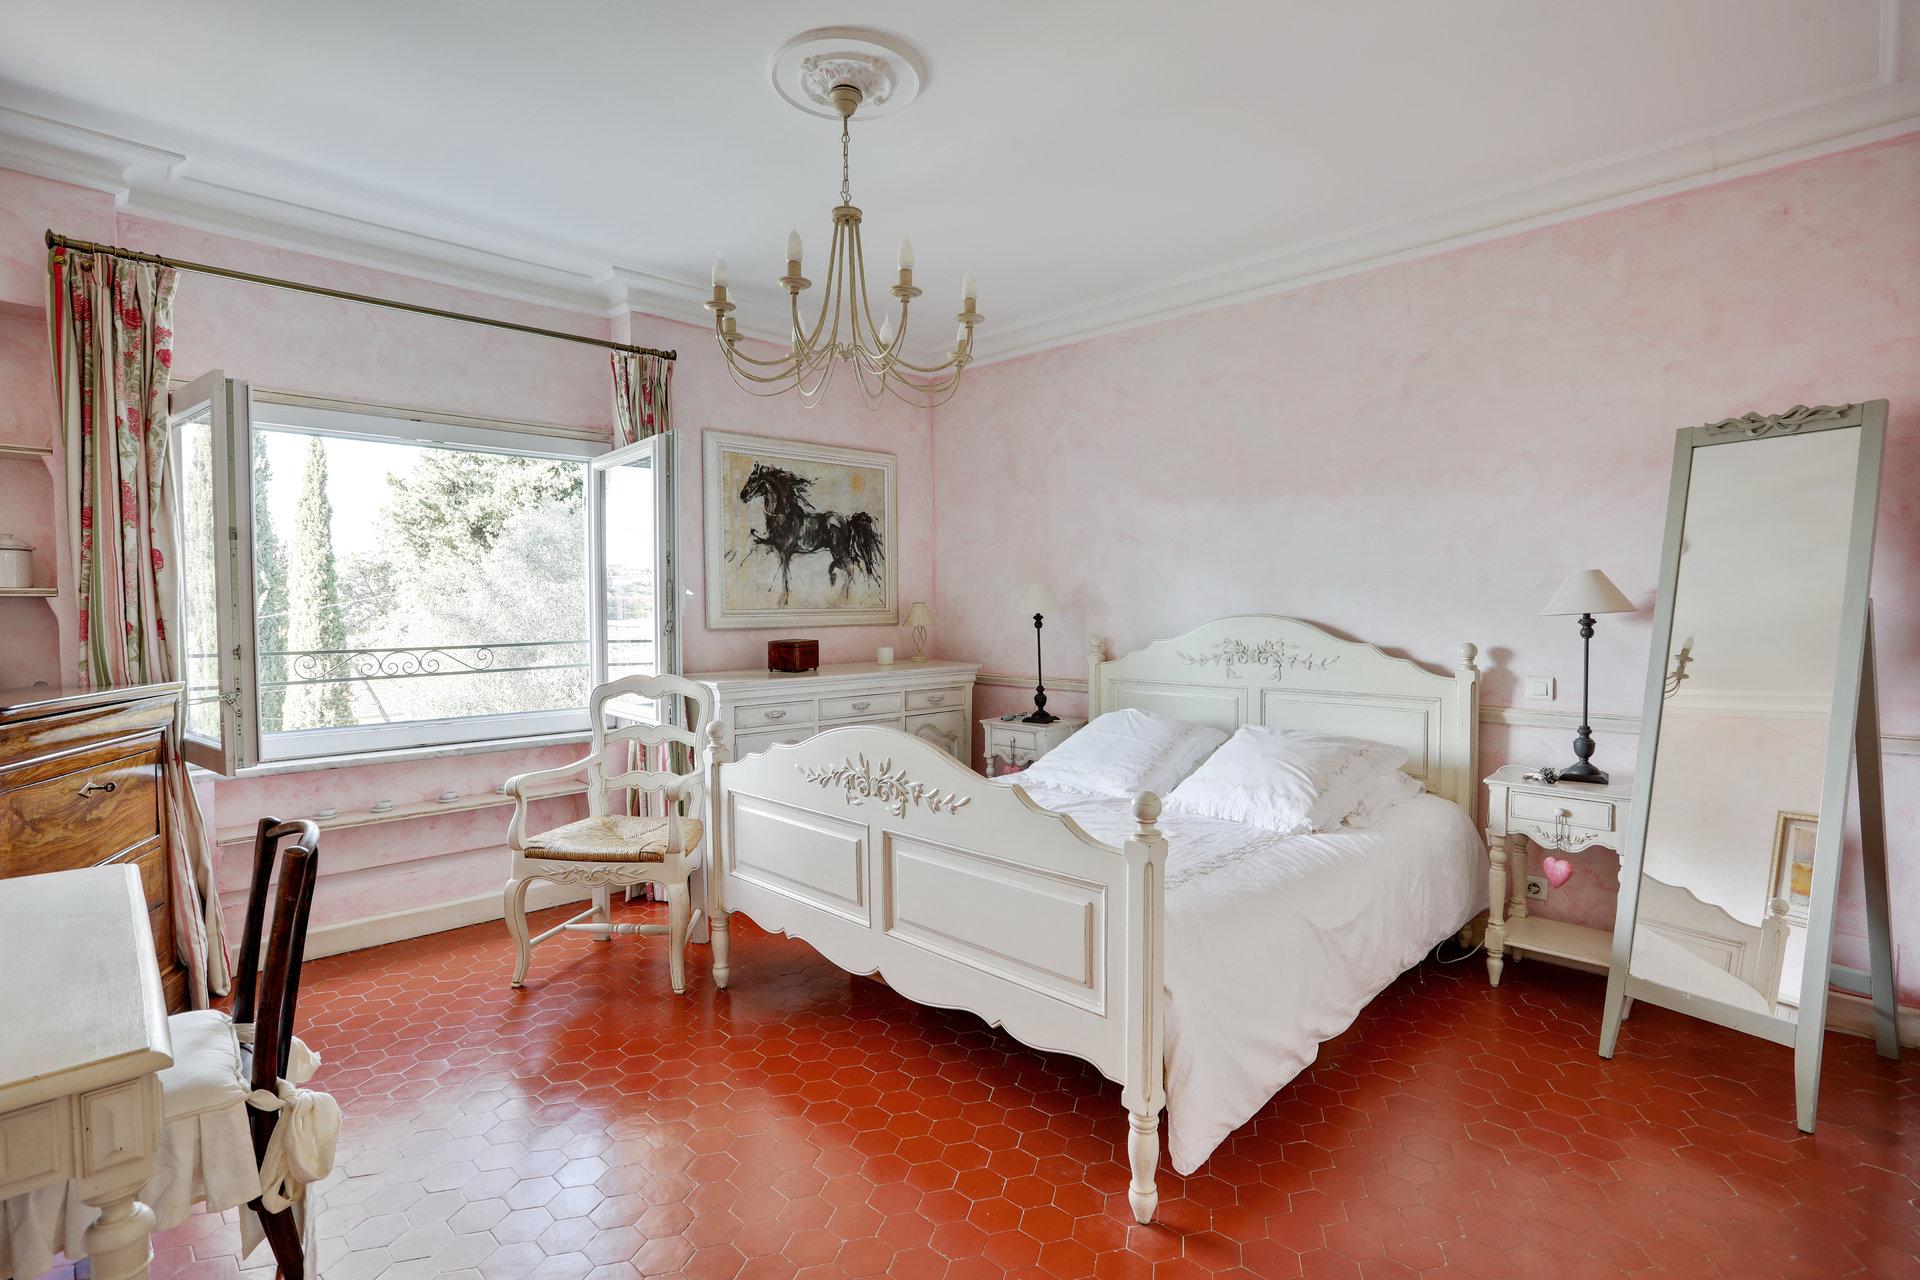 10 minutter fra Nice - Nydelig eiendom på 3 mål i fredelige men sentrale omgivelser